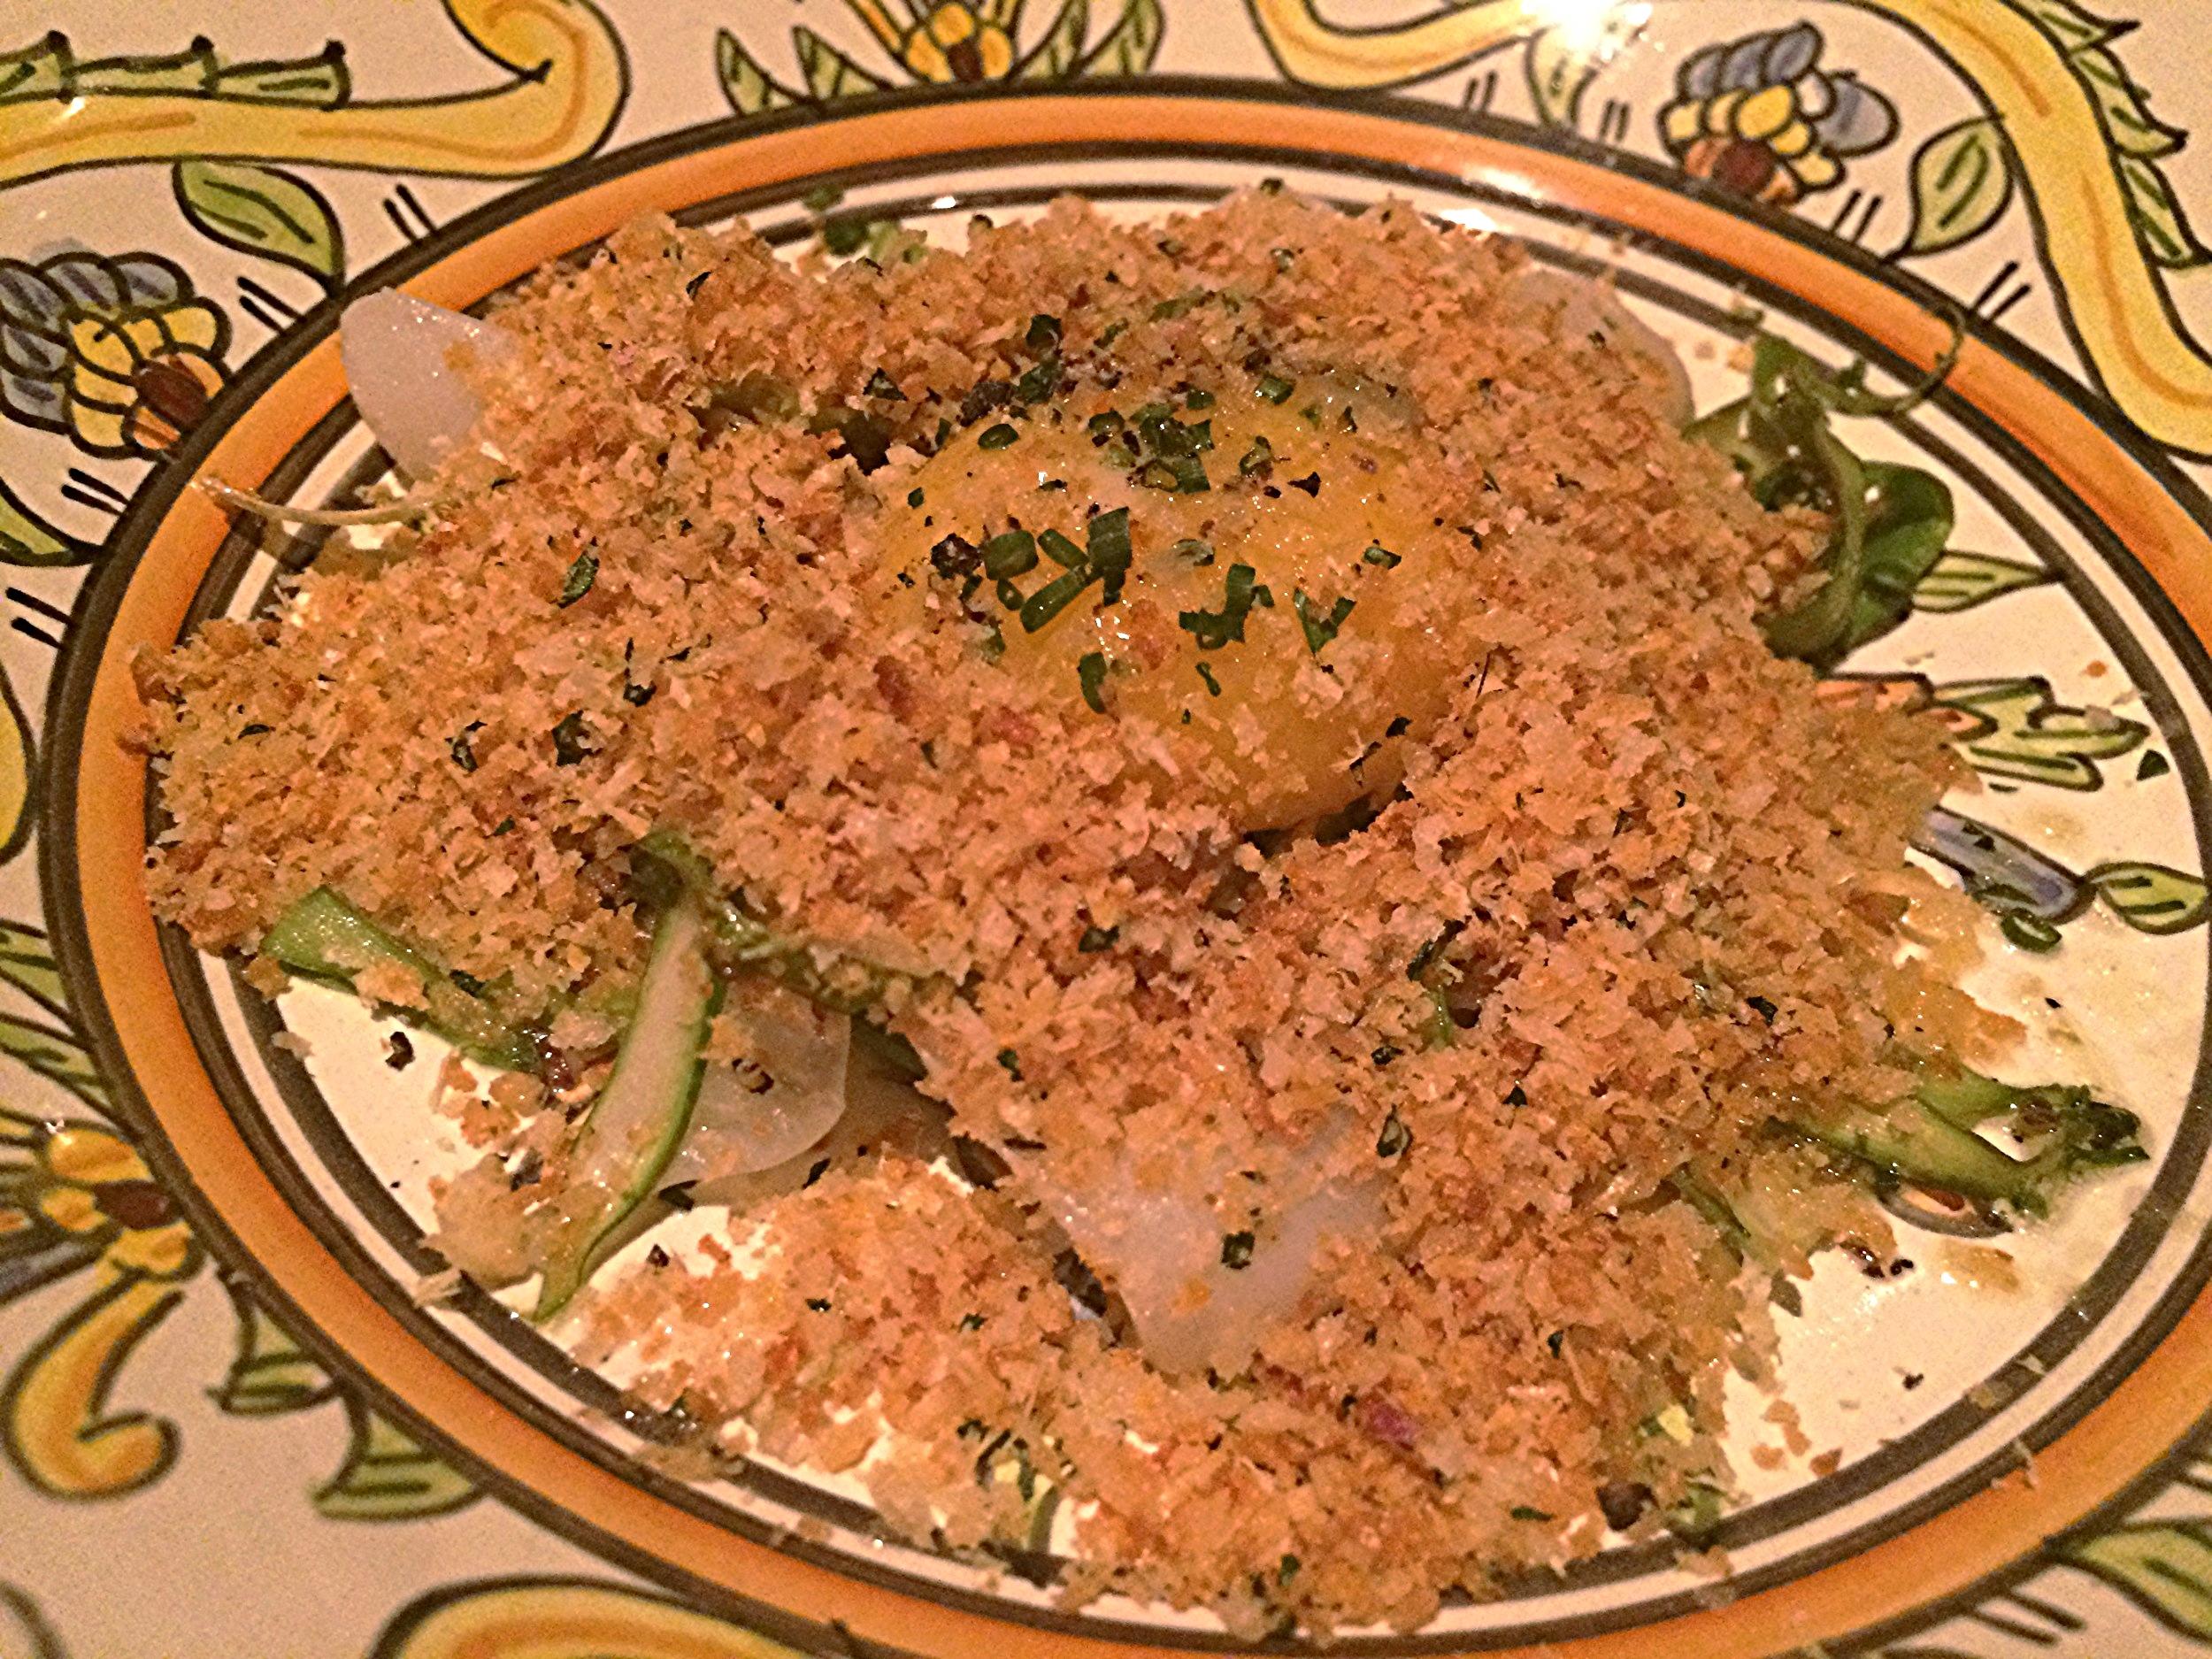 Espárragos y sépia: um prato com aspargos, lula,gema de ovo e farofa de pão.